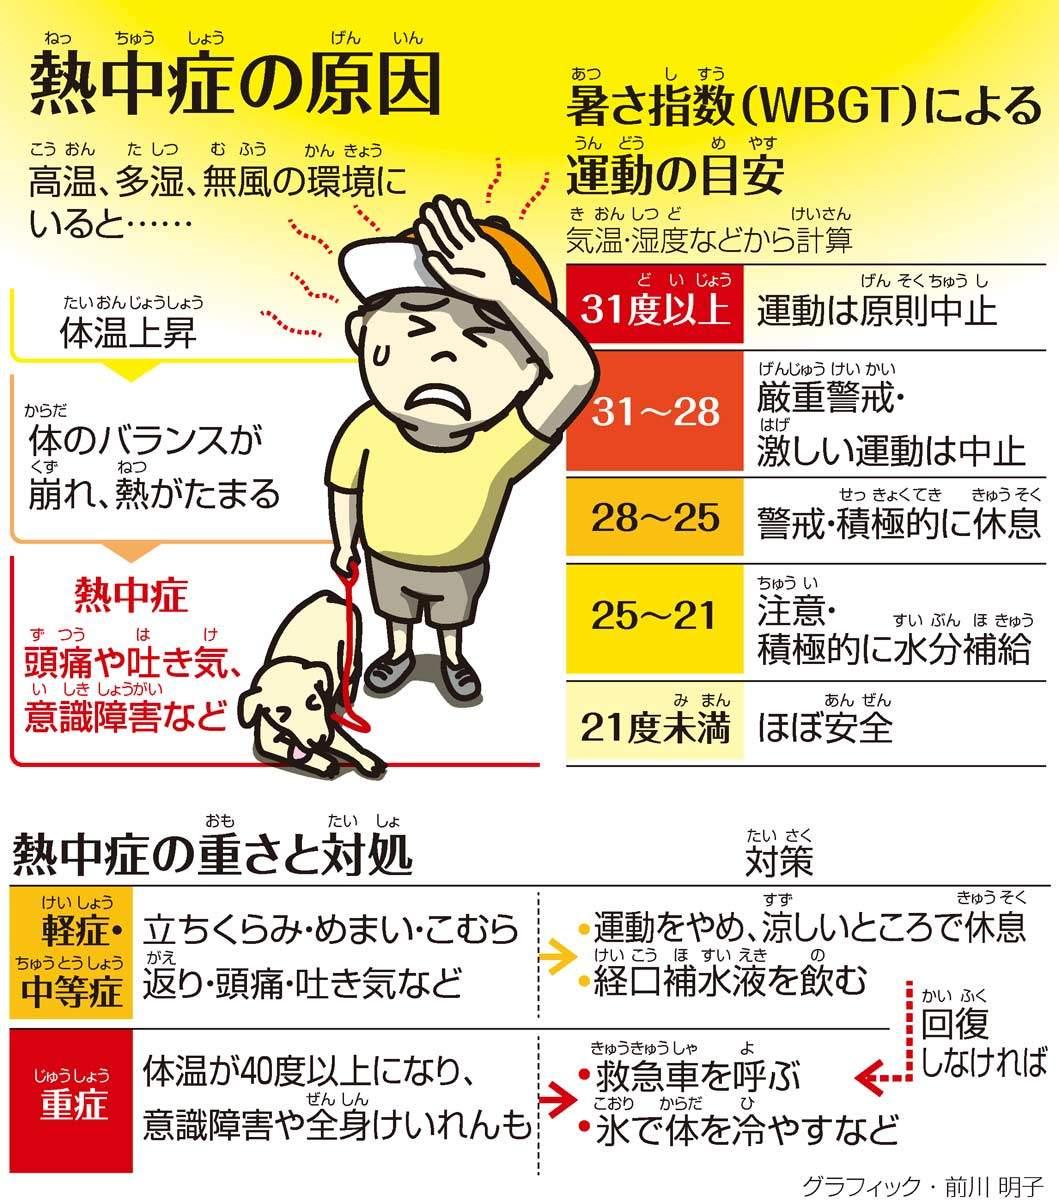 熱中症(ねっちゅうしょう)の原因(げんいん)/熱中症の重(おも)さと対処(たいしょ)<グラフィック・前川明子>